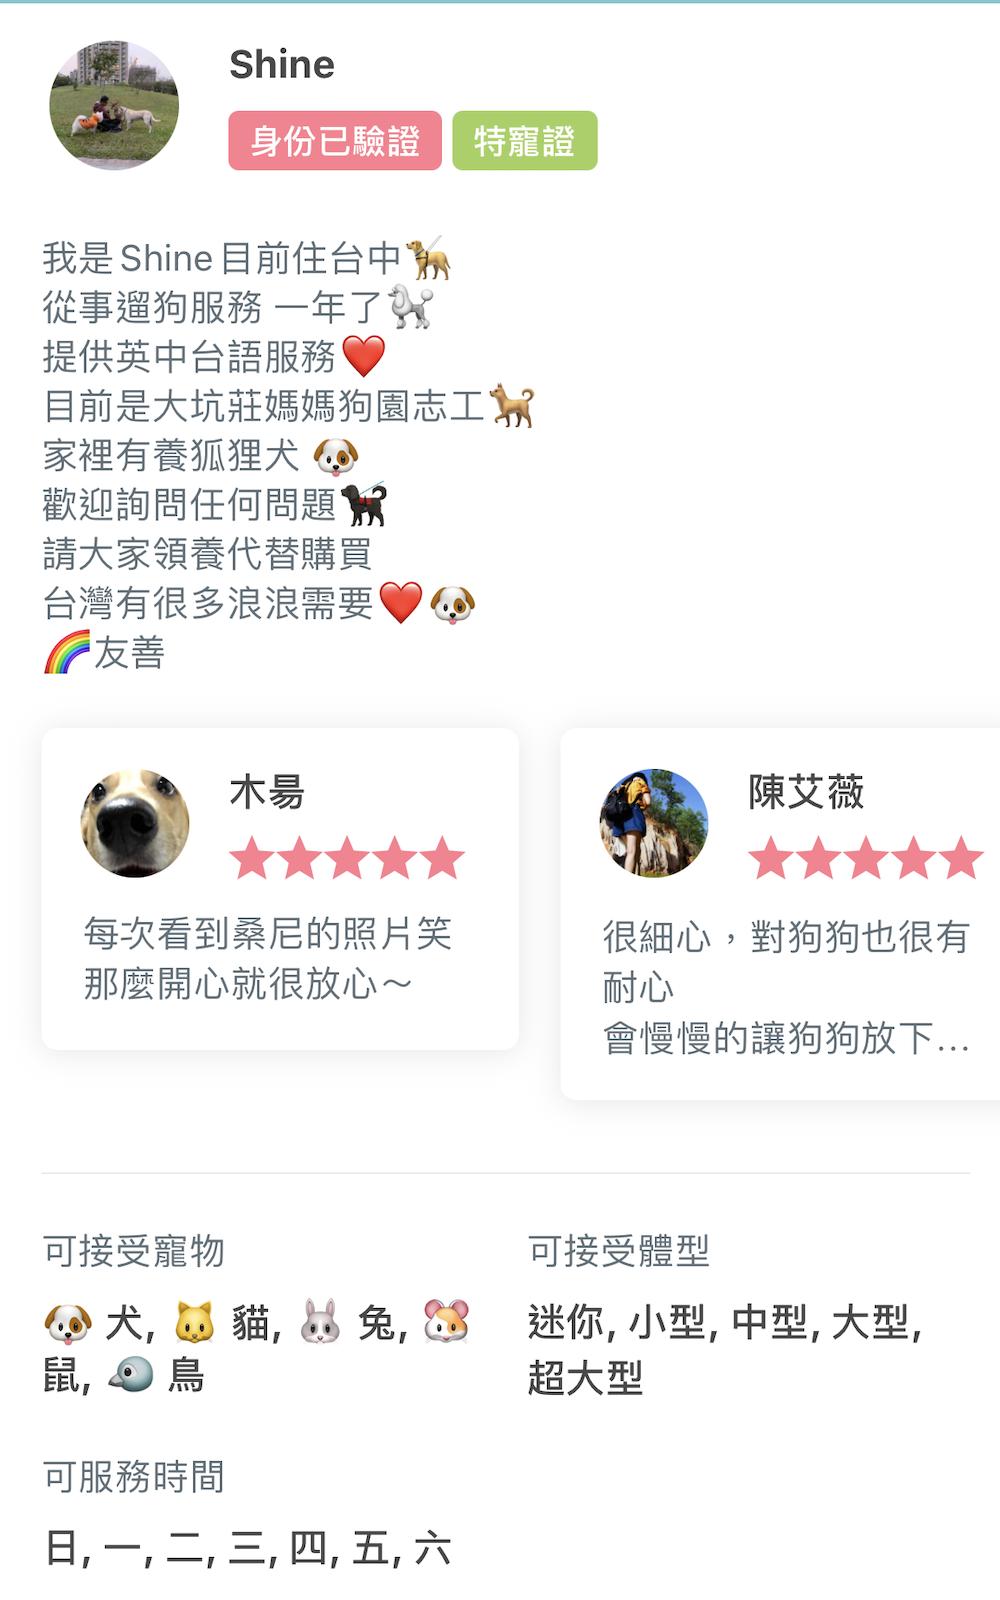 毛小愛寵物保母平台